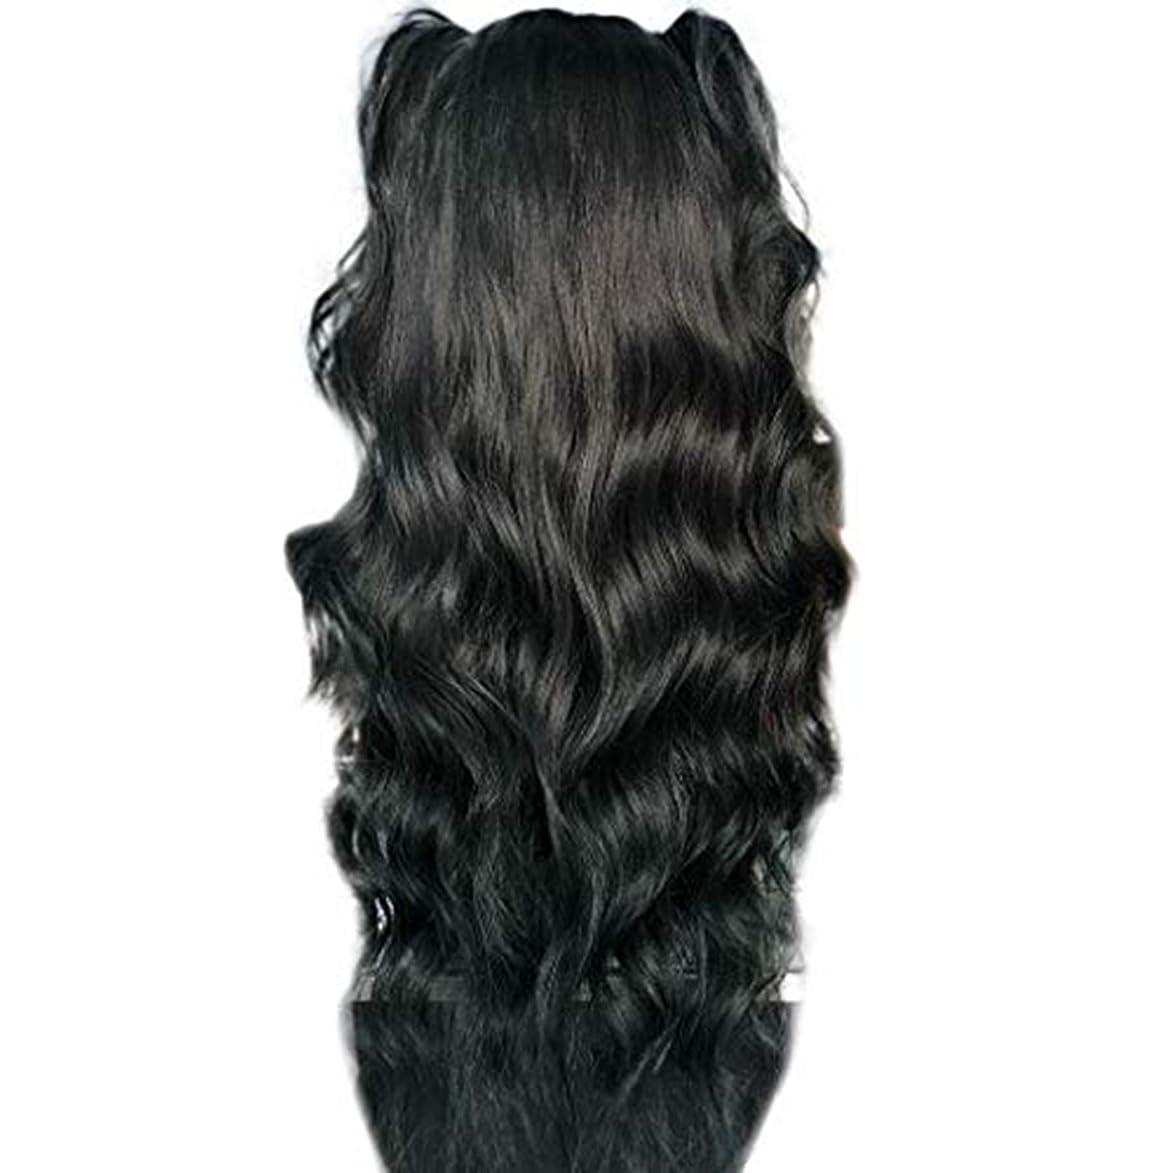 カバージャンピングジャックモトリーかつら女性長い巻き毛の化学繊維高温シルクフロントレースかつら26インチ